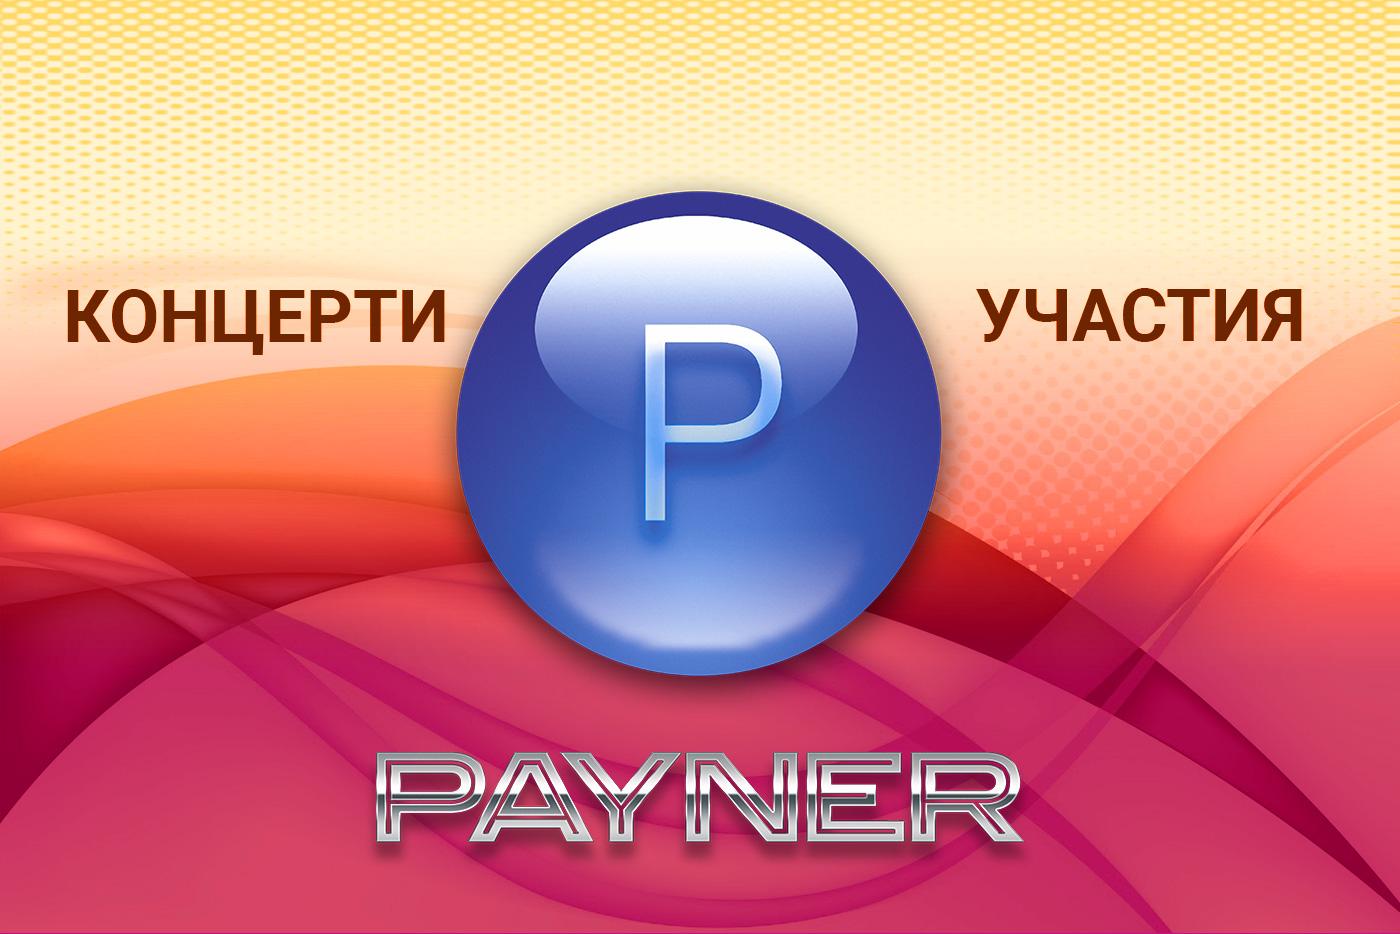 """Участия на звездите на """"Пайнер"""" на 25.01.2020"""